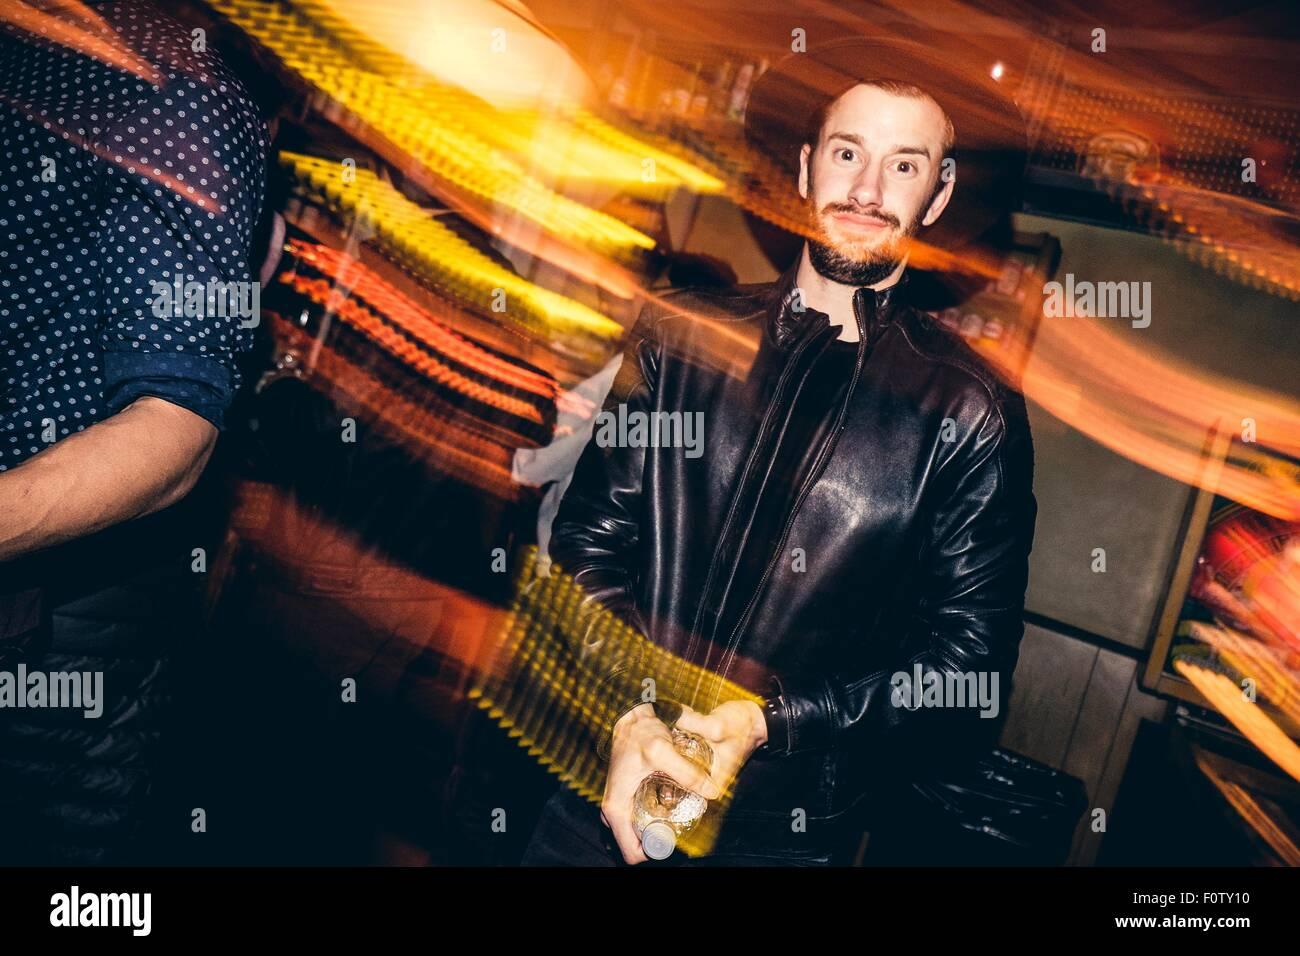 Ritratto di giovane uomo nel bar, movimento sfocato Immagini Stock